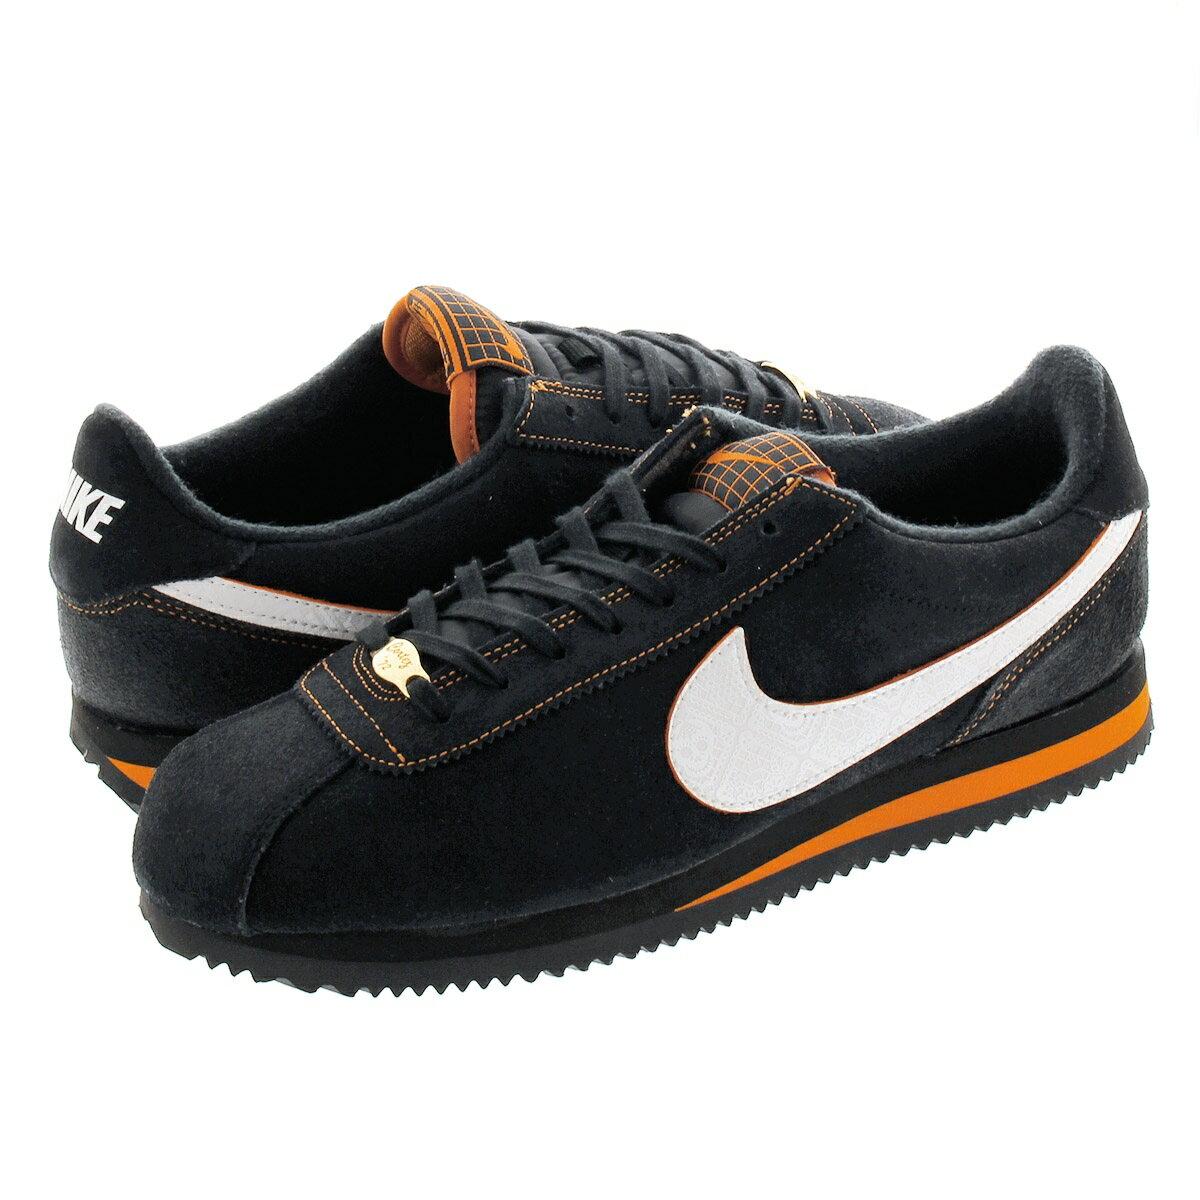 メンズ靴, スニーカー NIKE CORTEZ BASIC SE DAY OF THE DEAD SE BLACKWHITETOTAL ORANGE ct3731-001